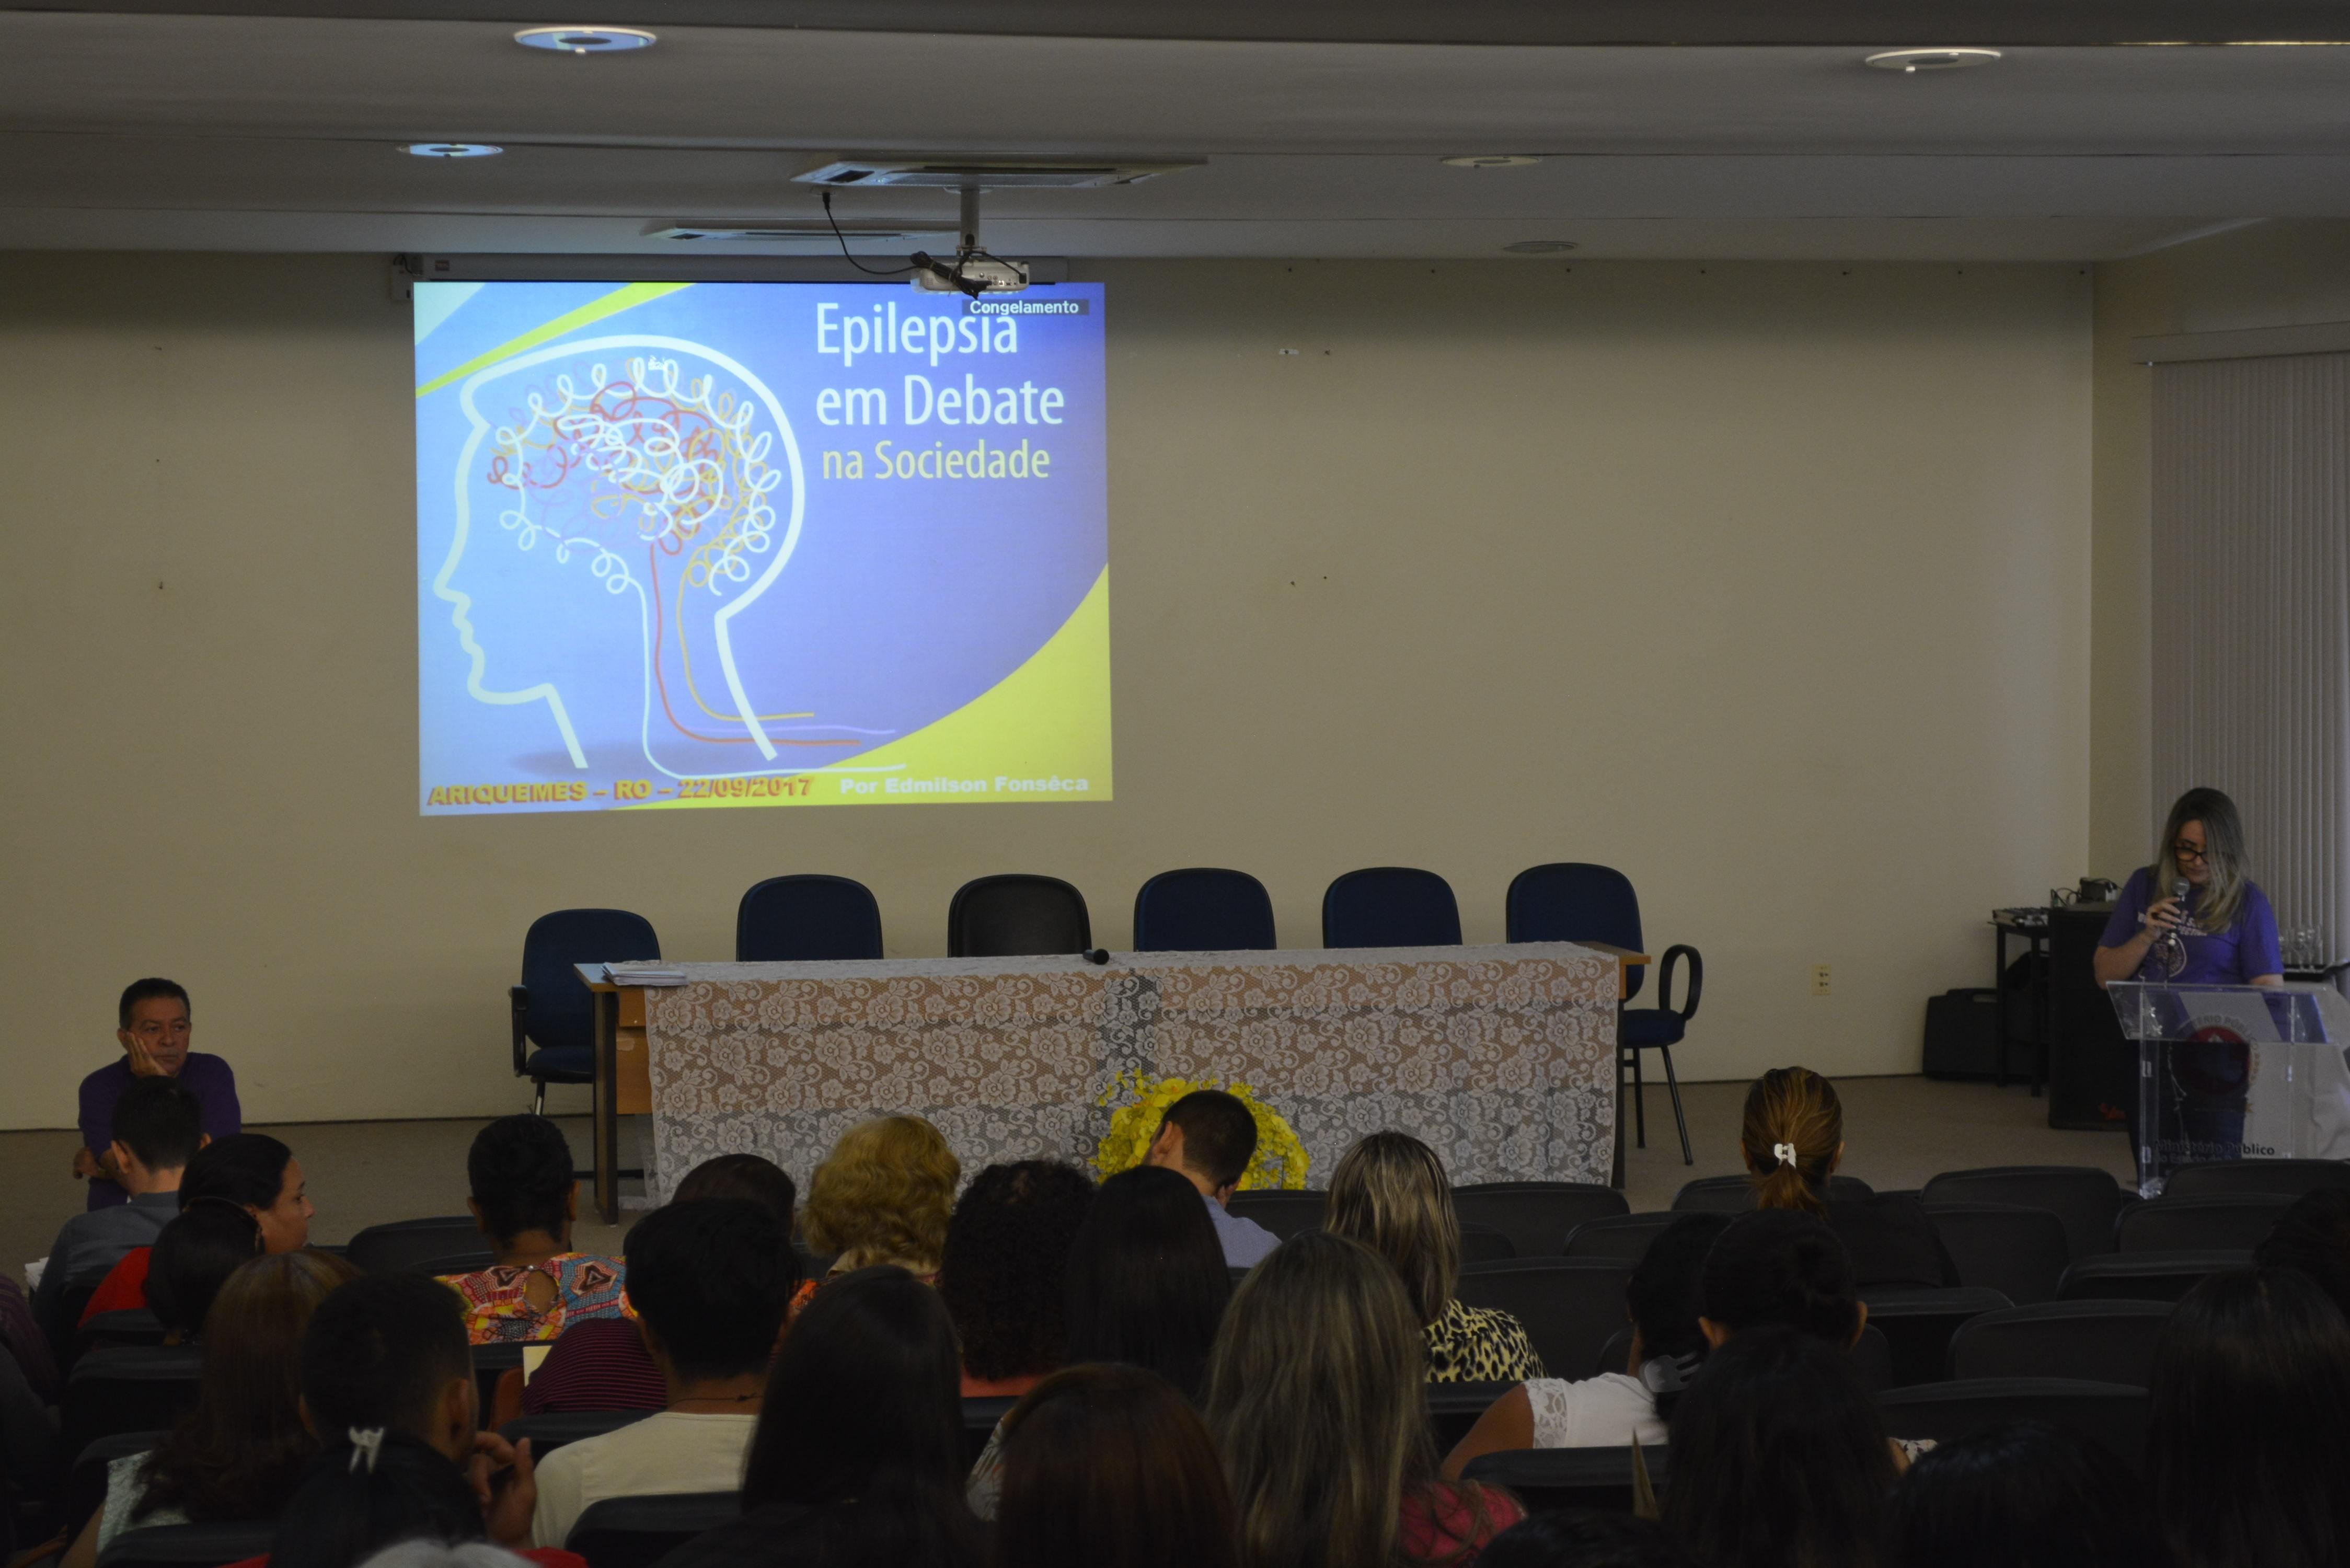 Com 42% de portadores com epilepsia no estado, palestra sobre a doença é realizada em Ariquemes, RO